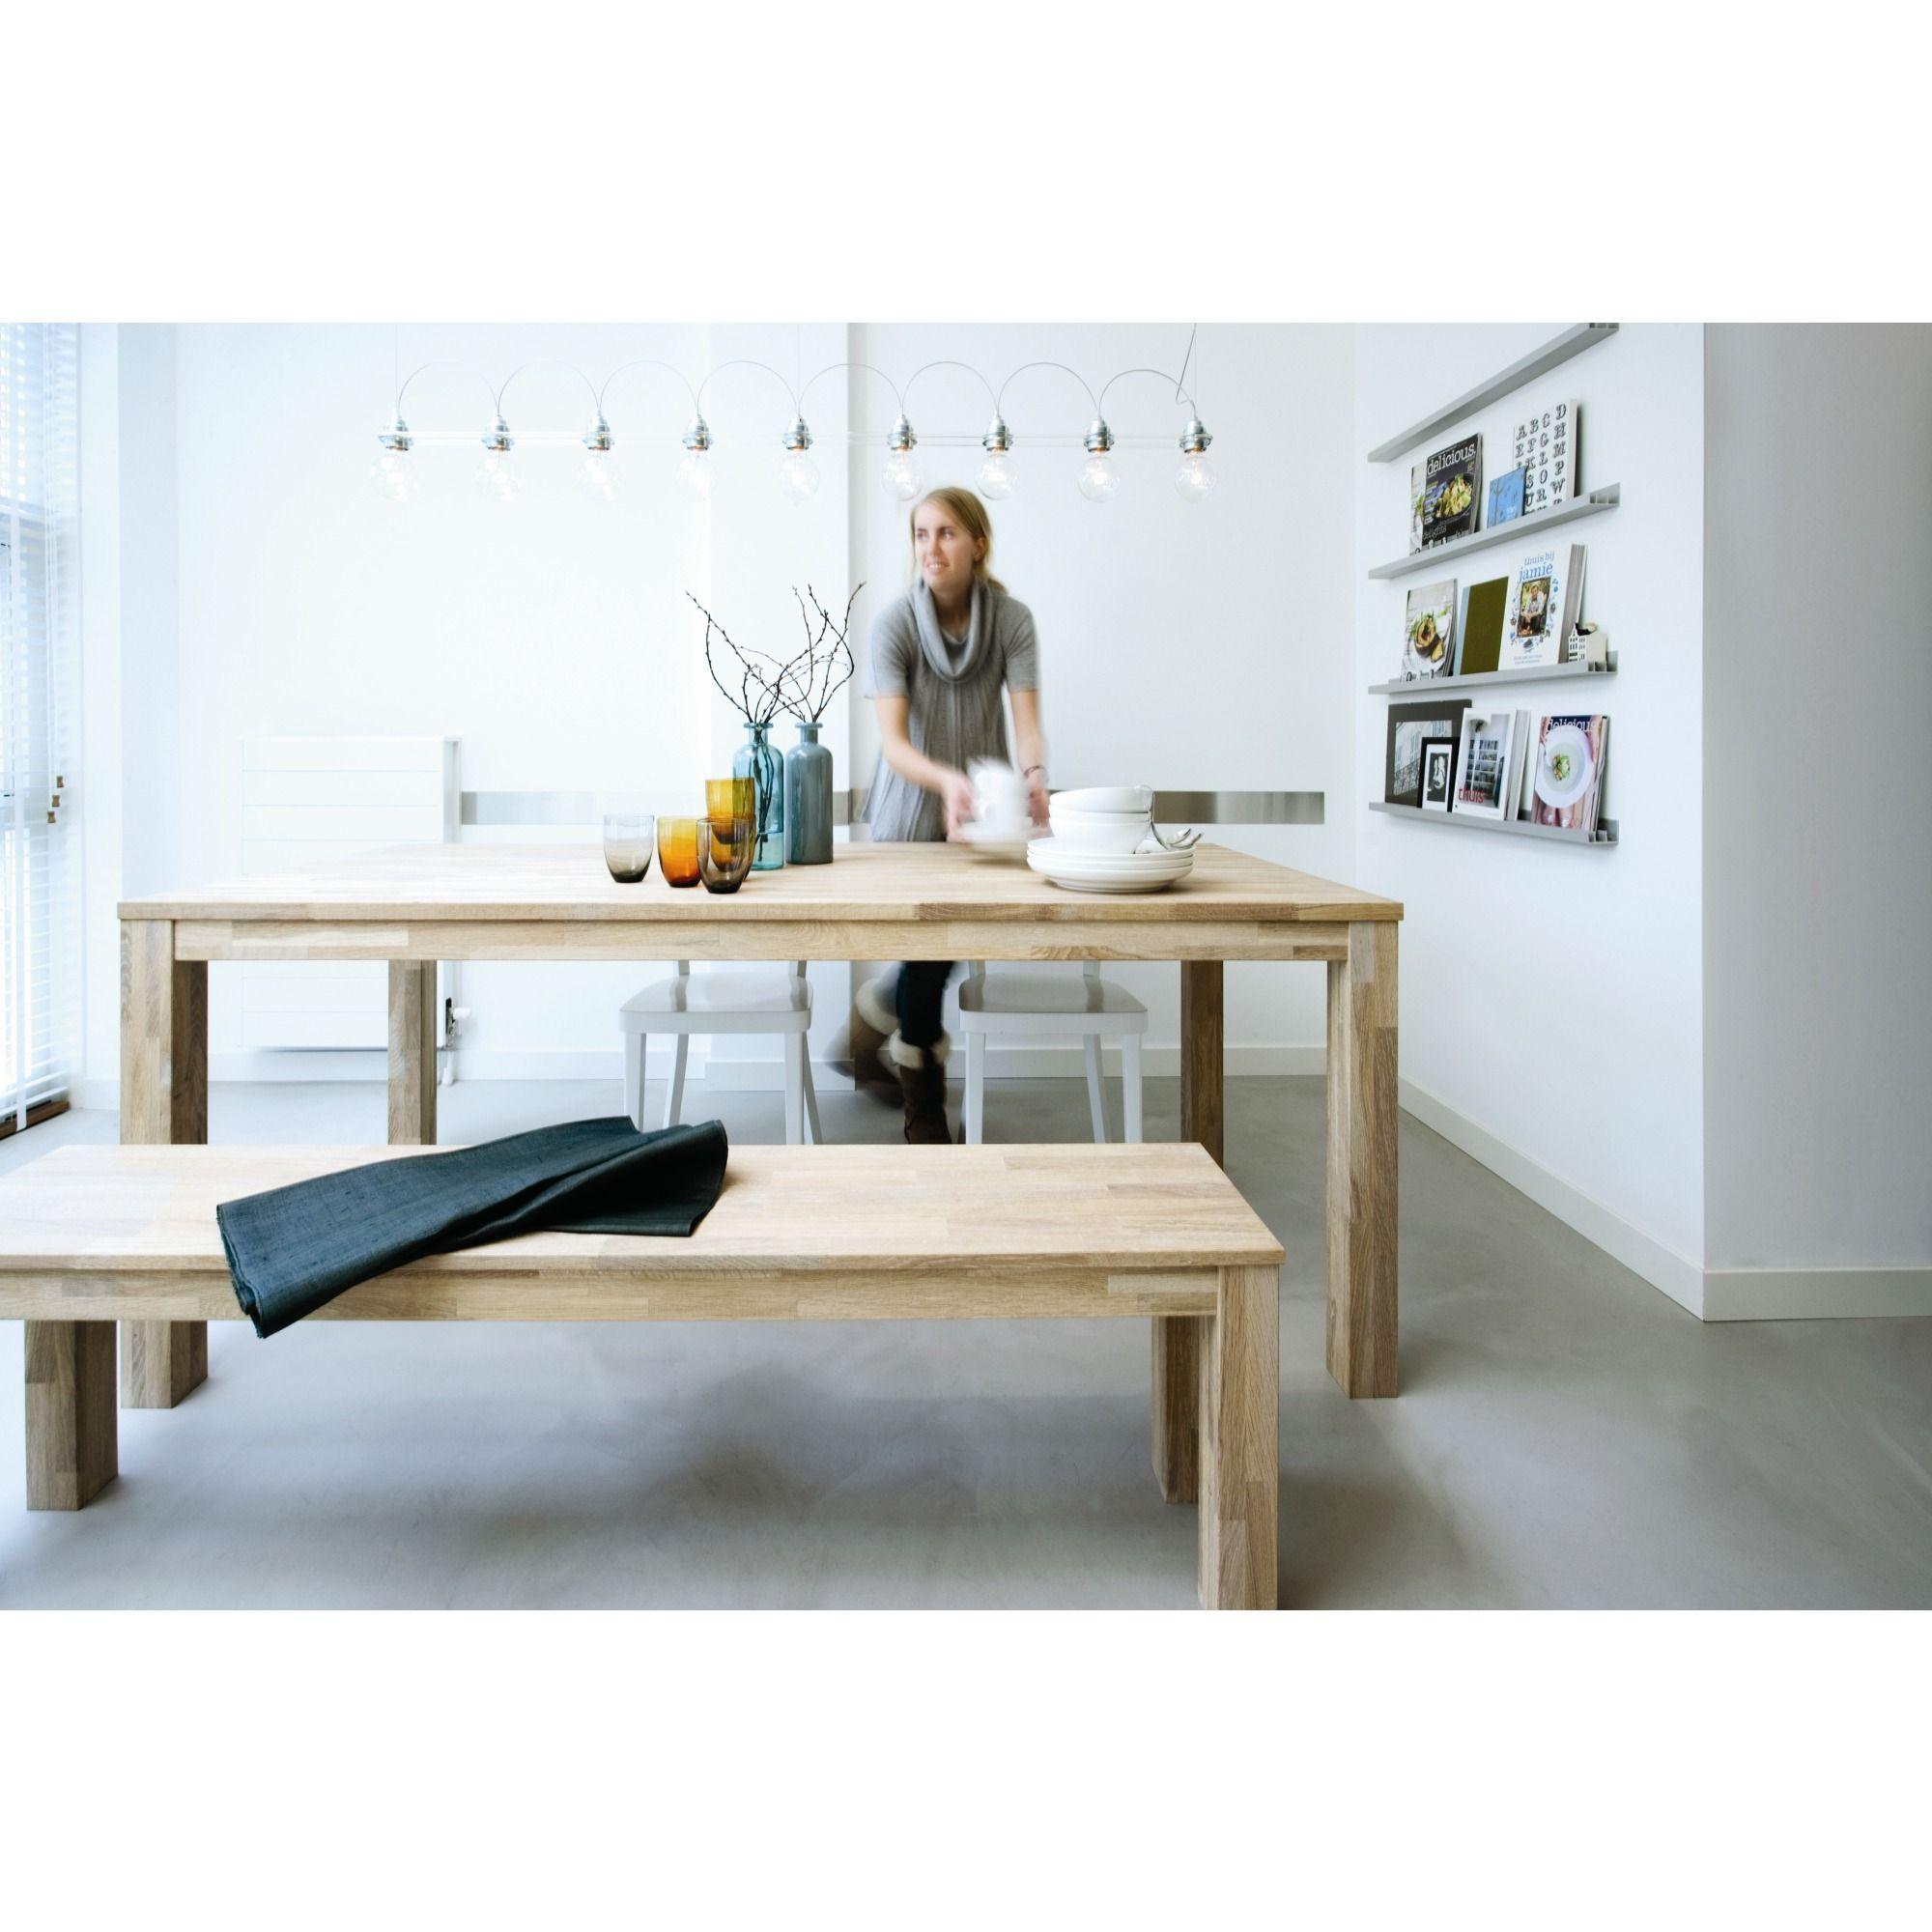 Eetkamer Tafel Largo.Woood Tafel Largo Eiken 200x90x78 Cm Ideeen Voor Thuisdecoratie